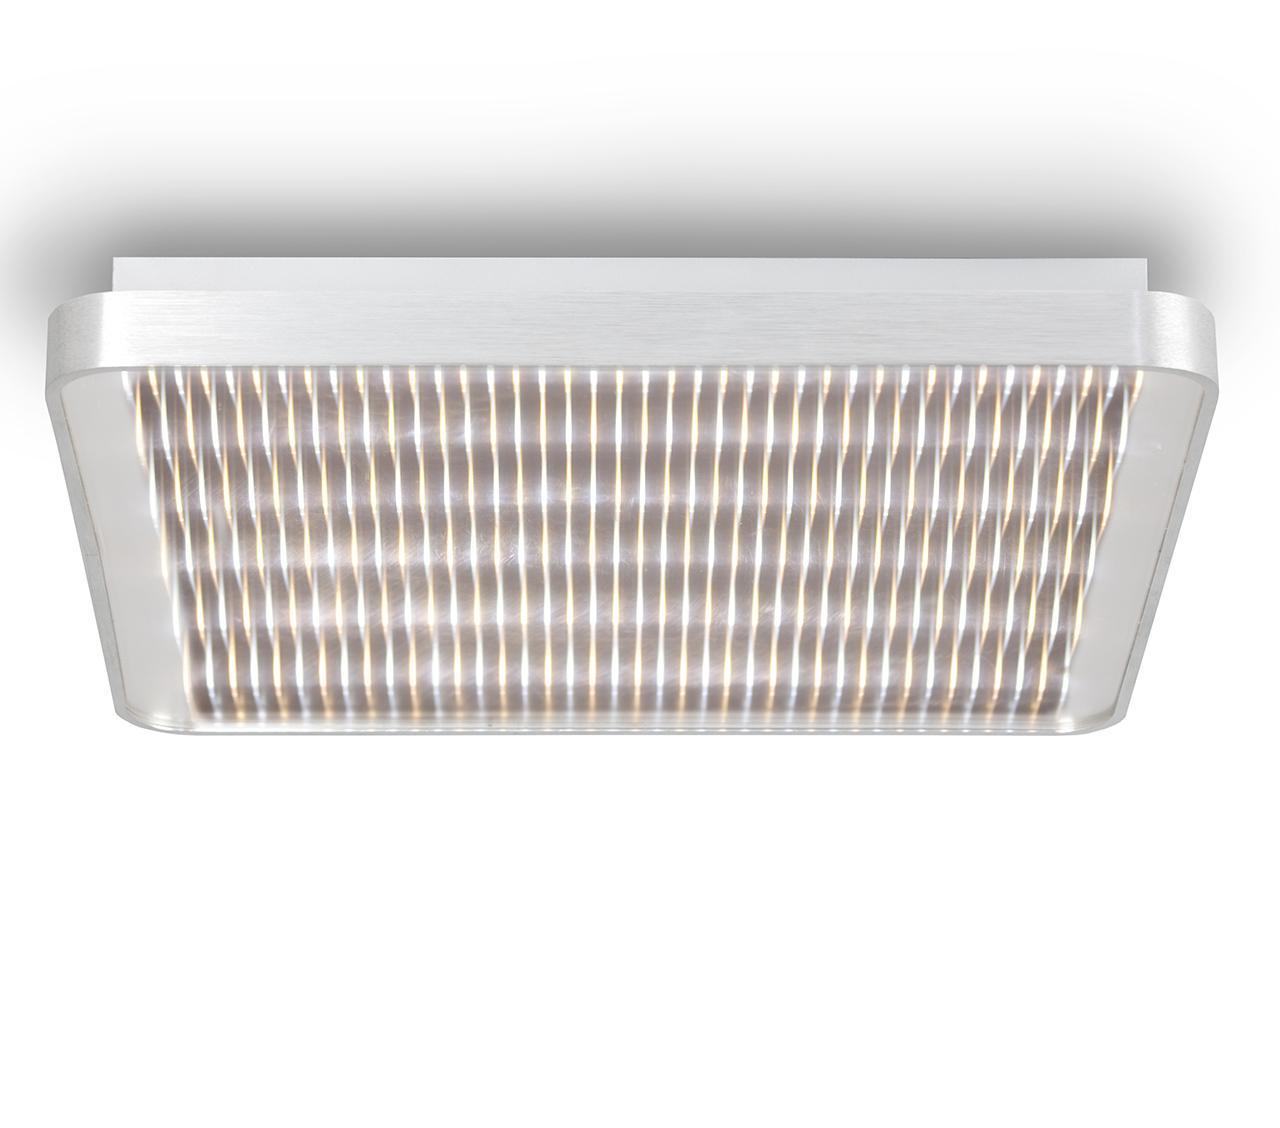 Потолочный светодиодный светильник Mantra Reflex 5340 потолочный светодиодный светильник mantra reflex 5341